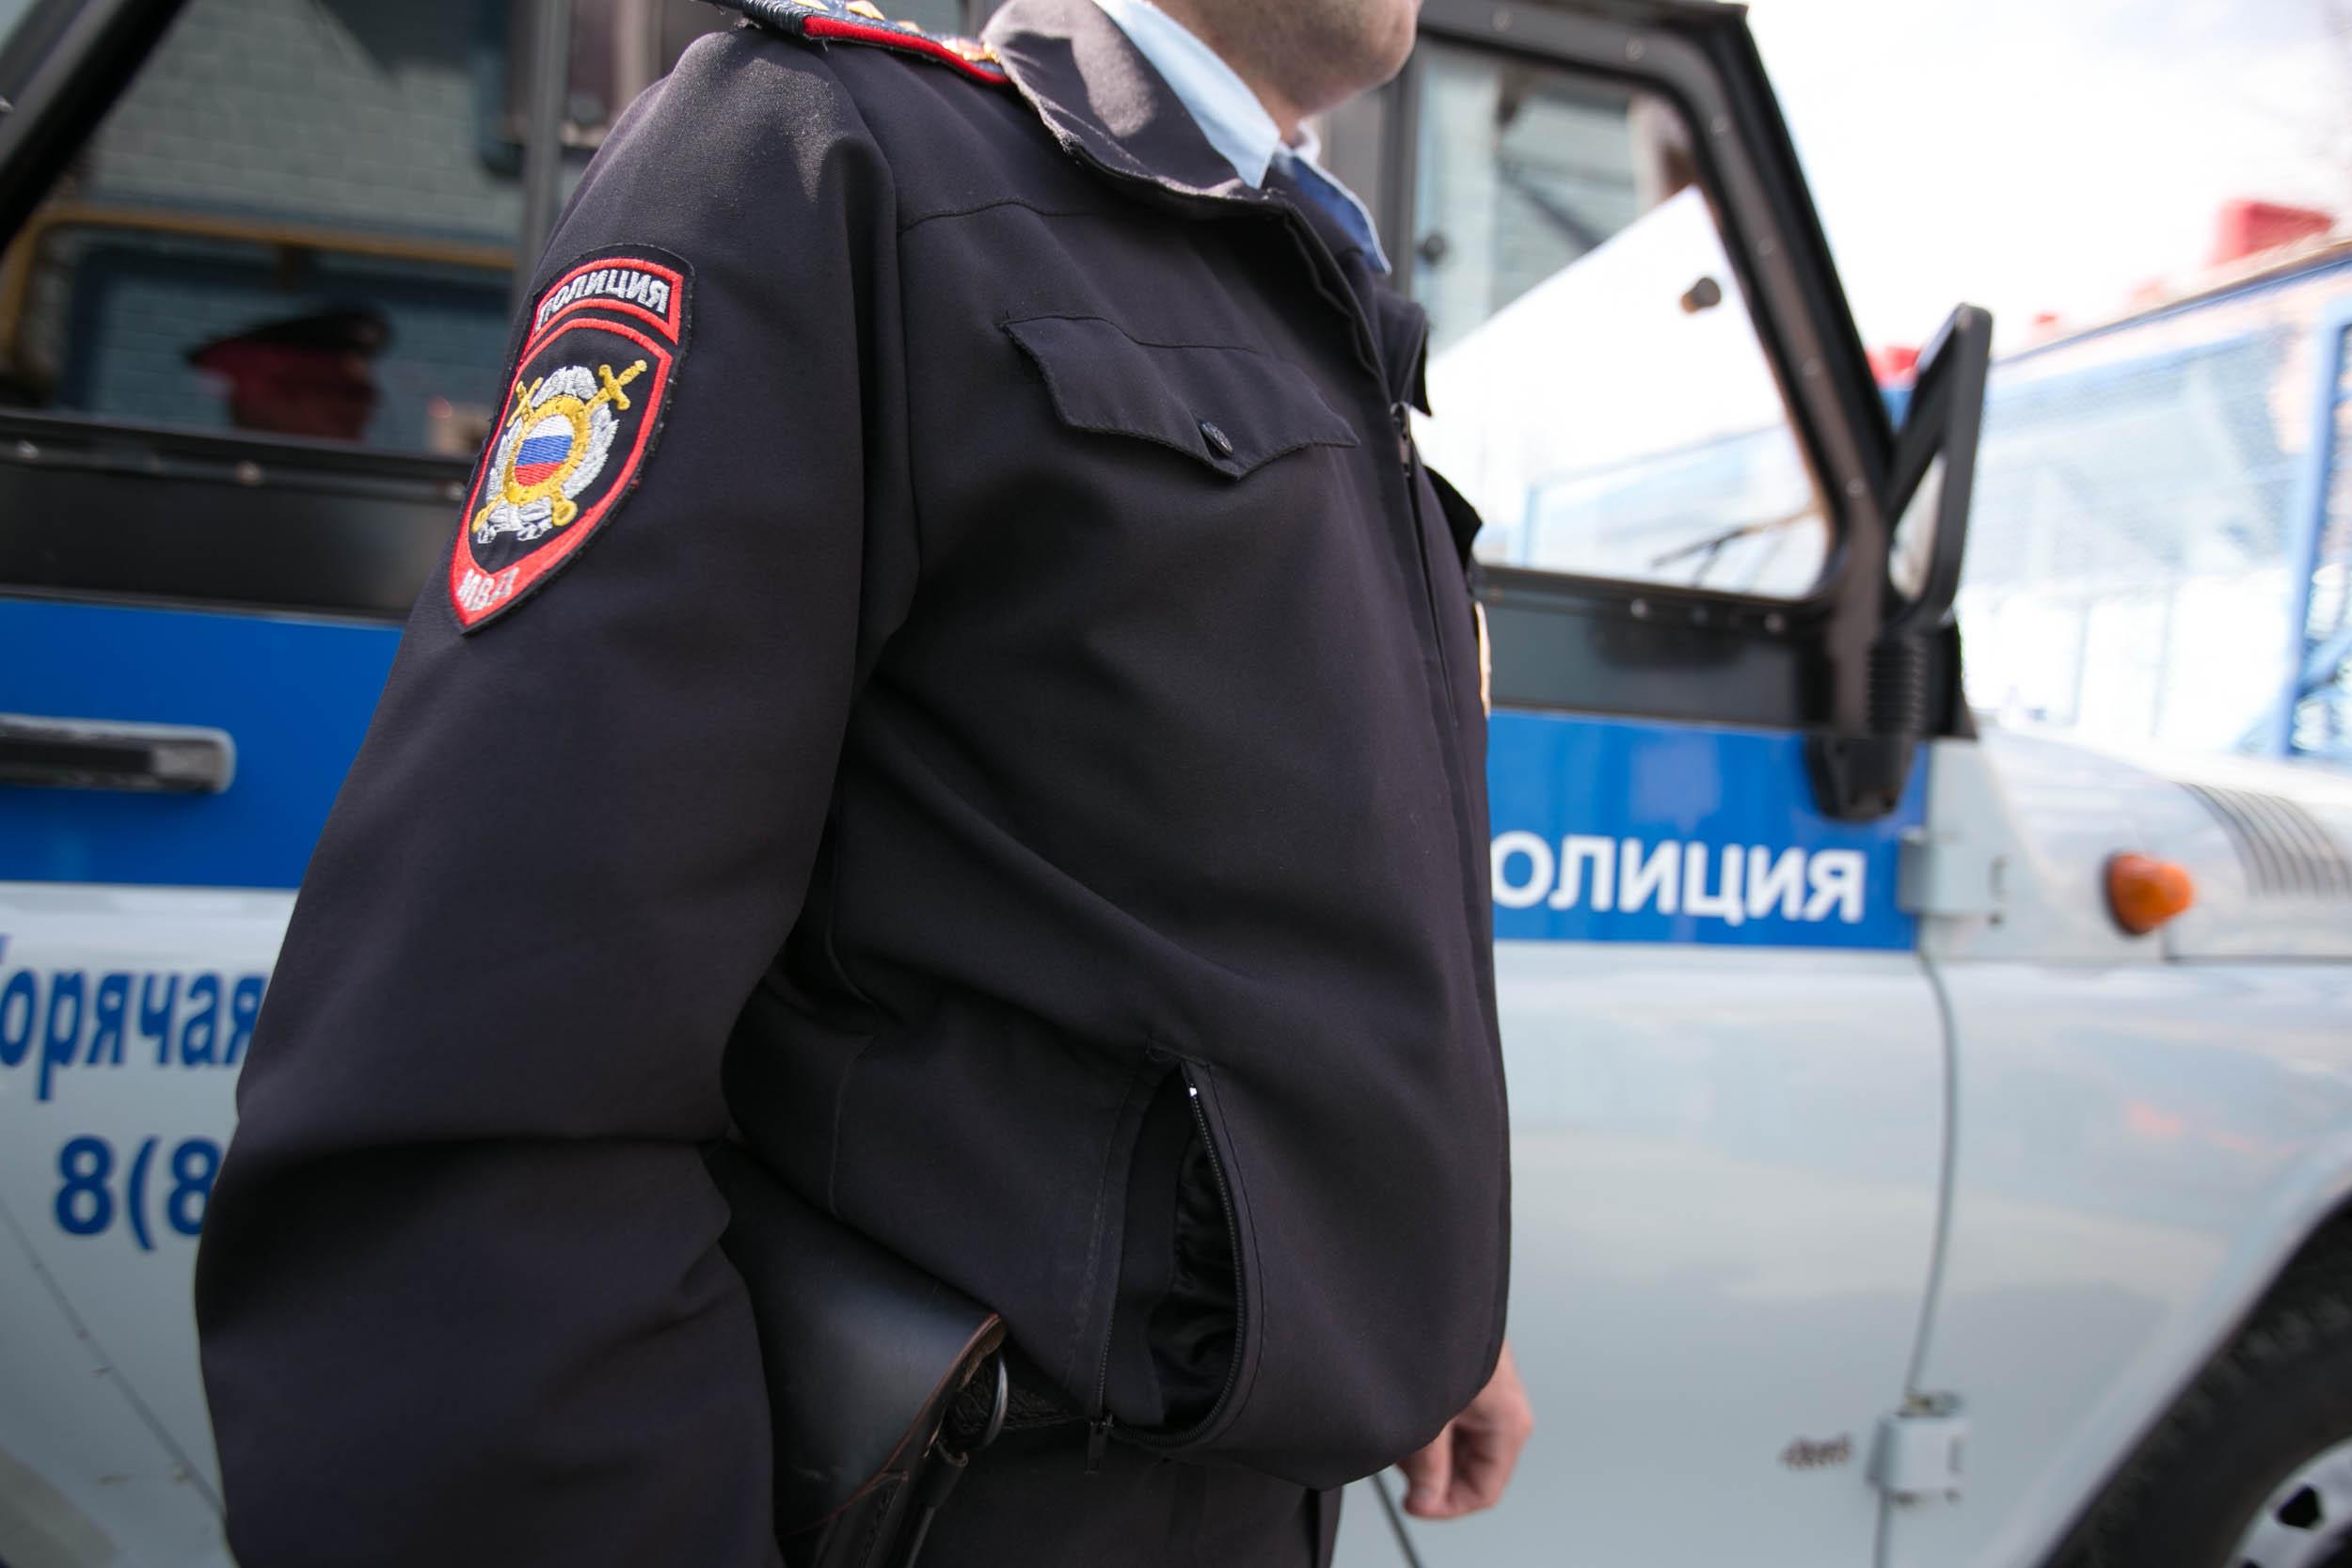 Сотрудники полиции работают на месте перестрелки в Петербурге